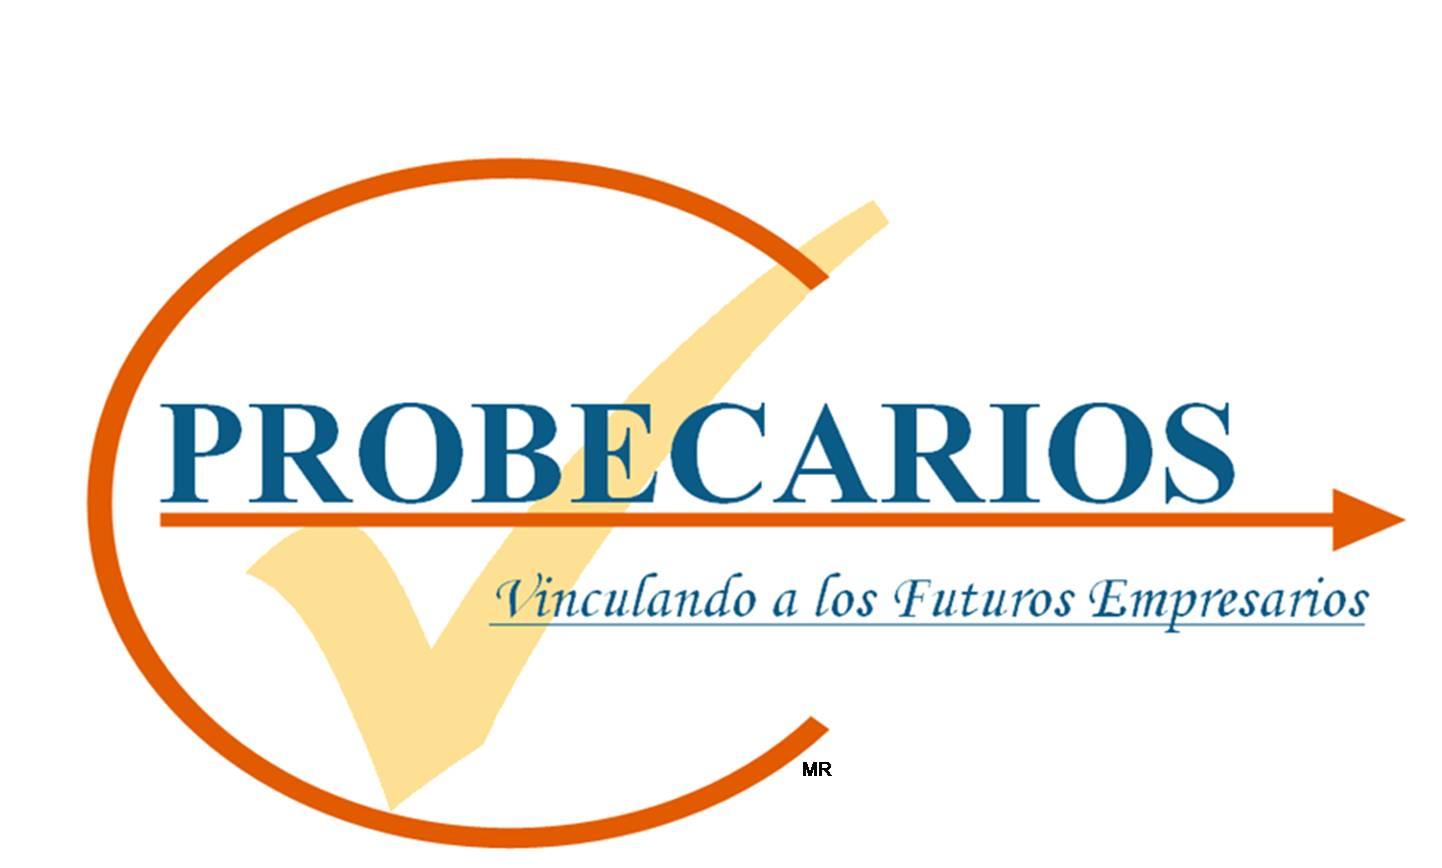 SOCIEDAD NACIONAL PROMOTORA DE BECARIOS SC